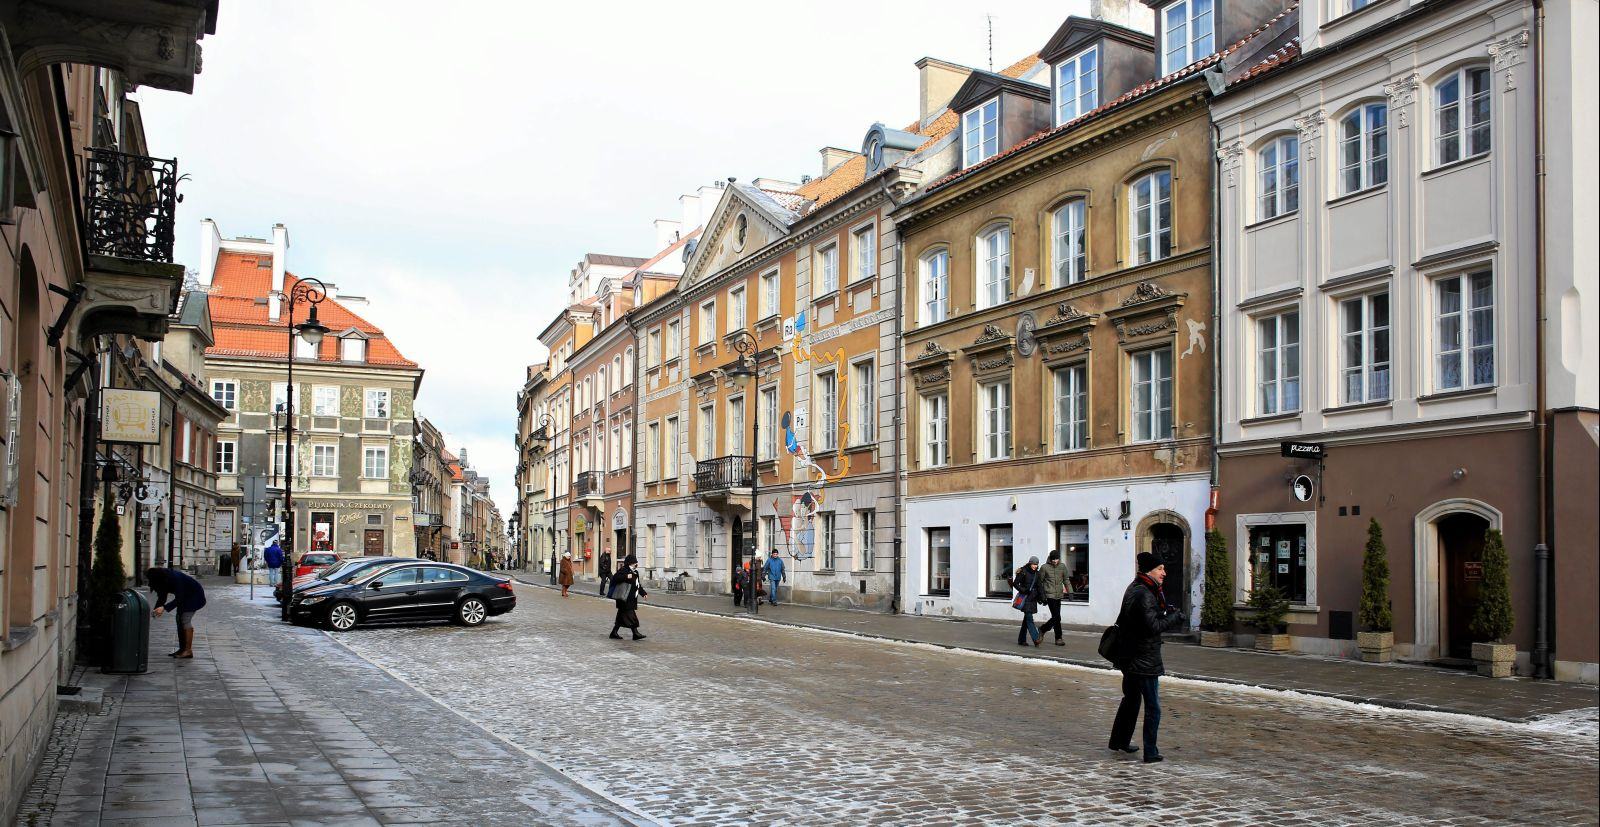 K08.02.2015 Warszawa . Ulica Freta .Fot. Jacek Marczewski / Agencja Gazeta